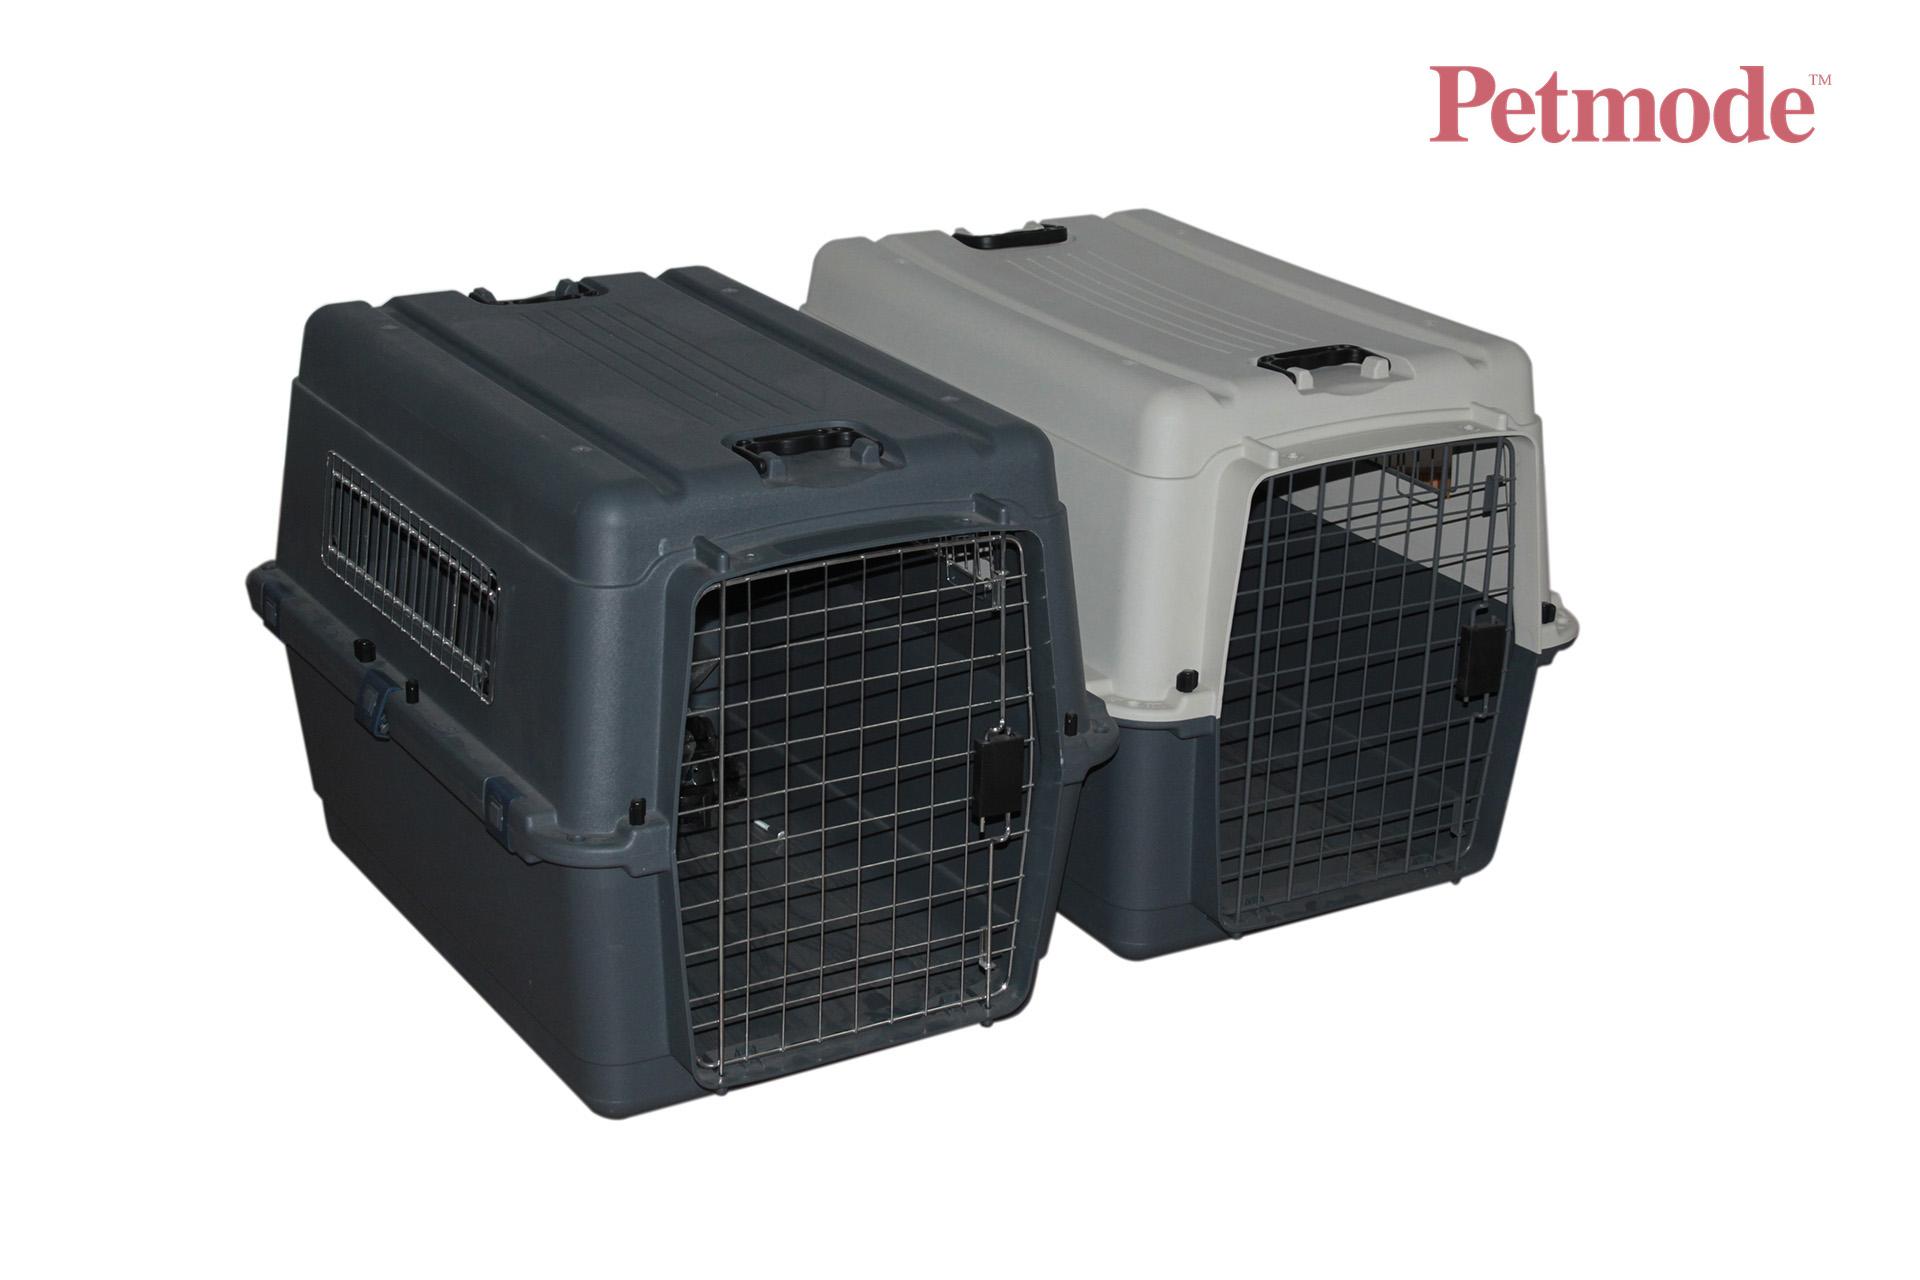 宠物航空箱规格